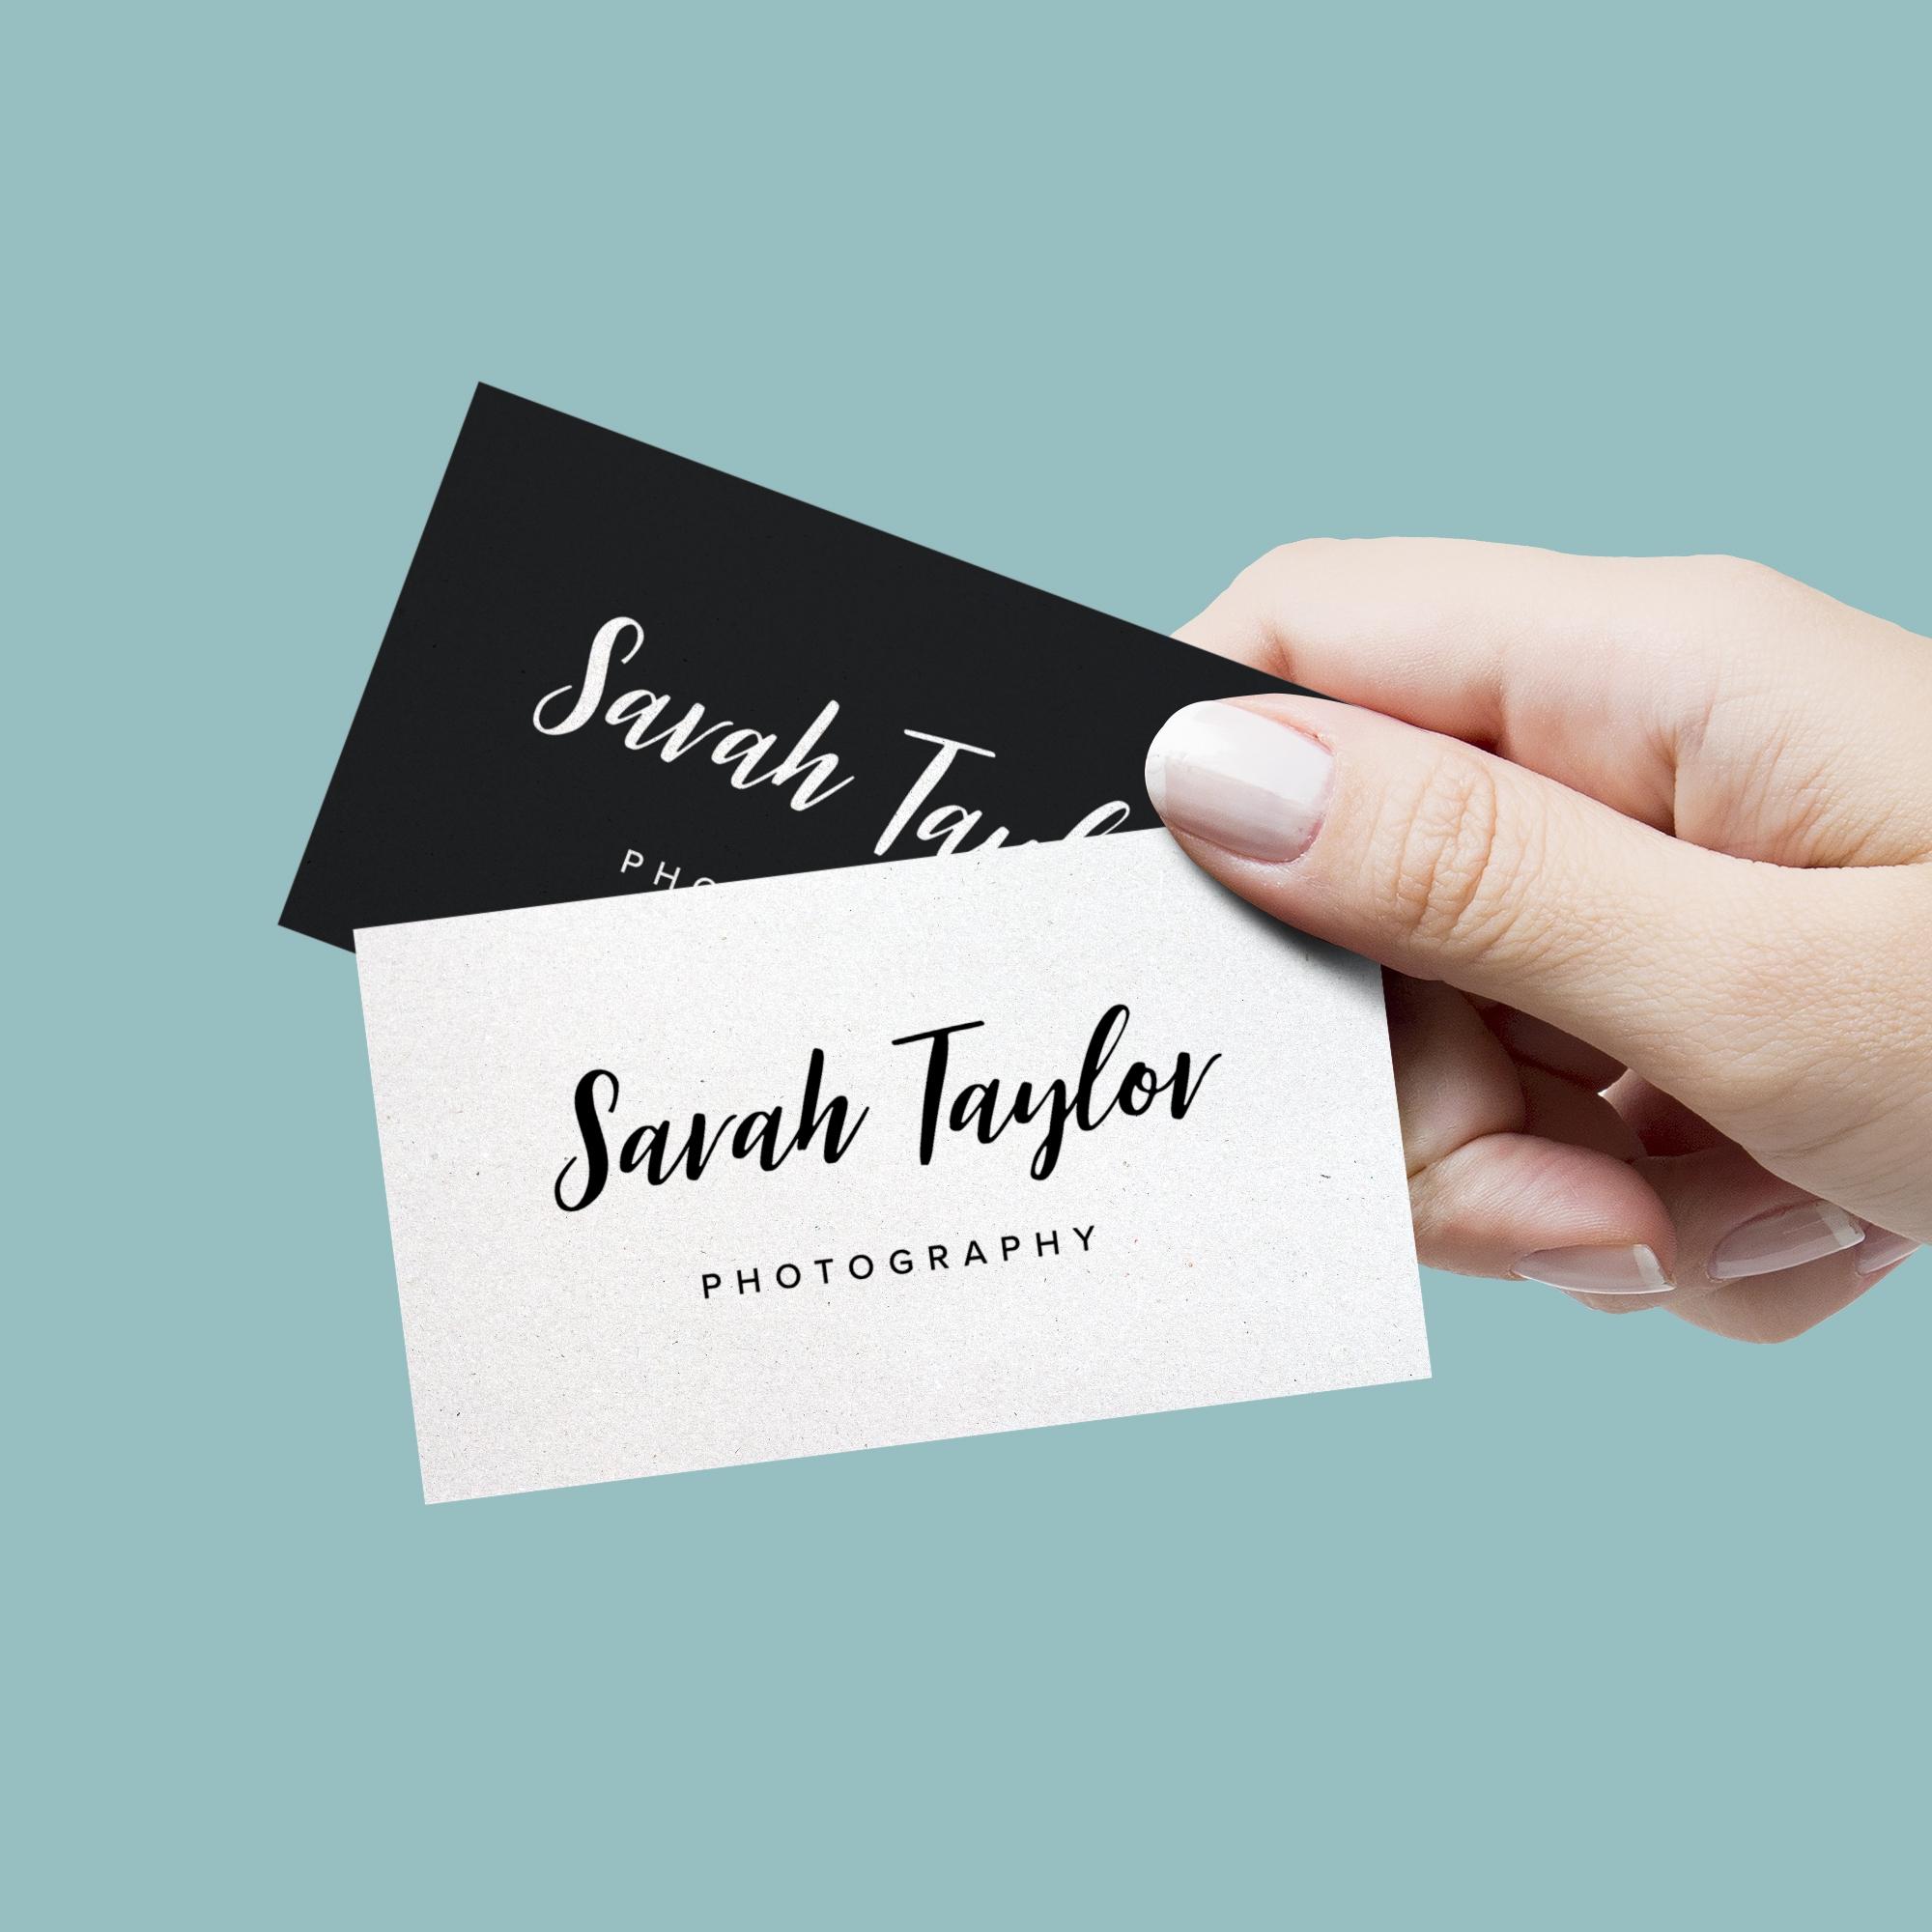 Sarah Taylor Photography / Logo Design